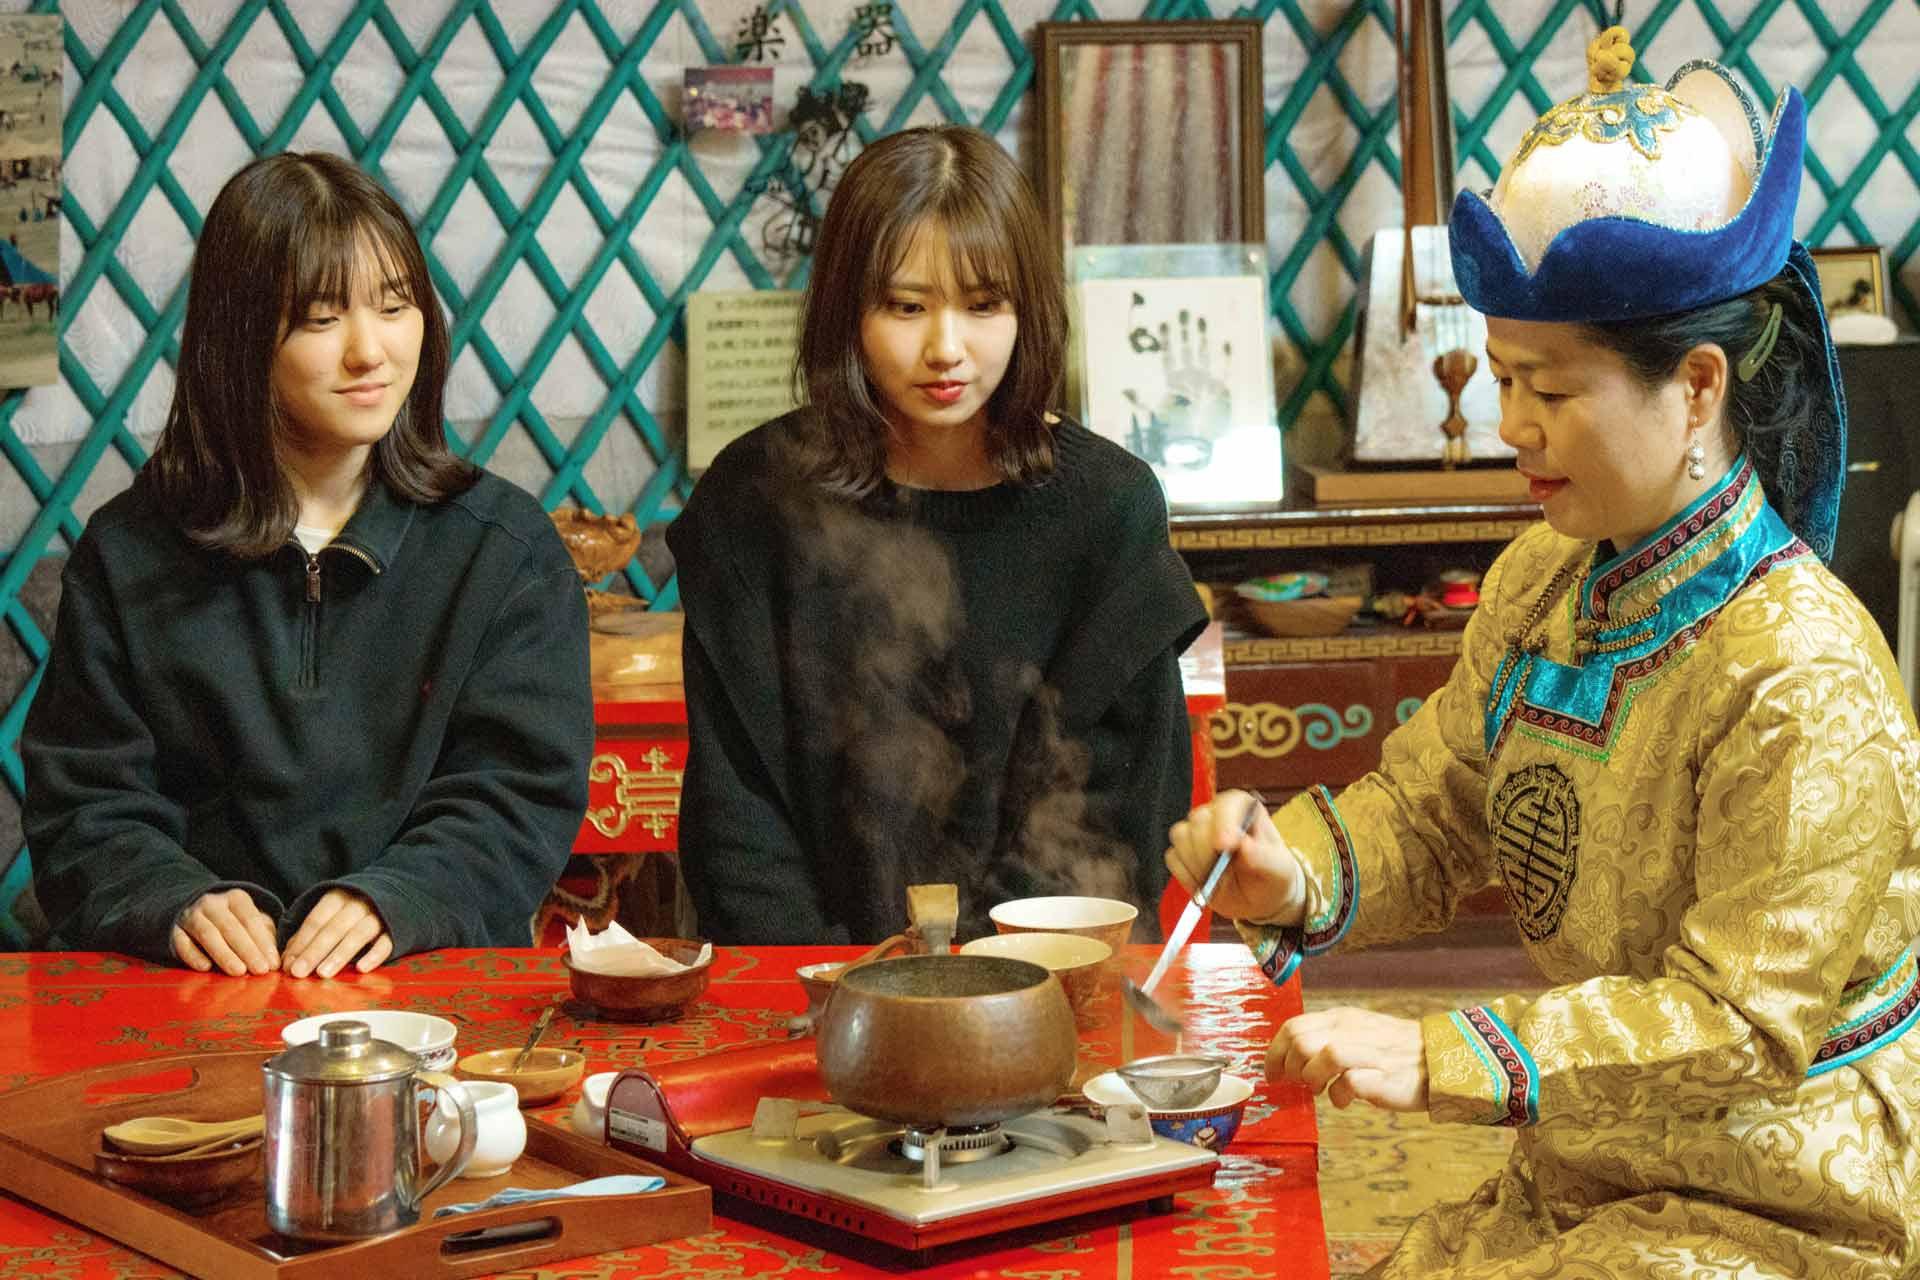 オータニ モンゴルの里でのモンゴルティー茶会体験を楽しむ女の子